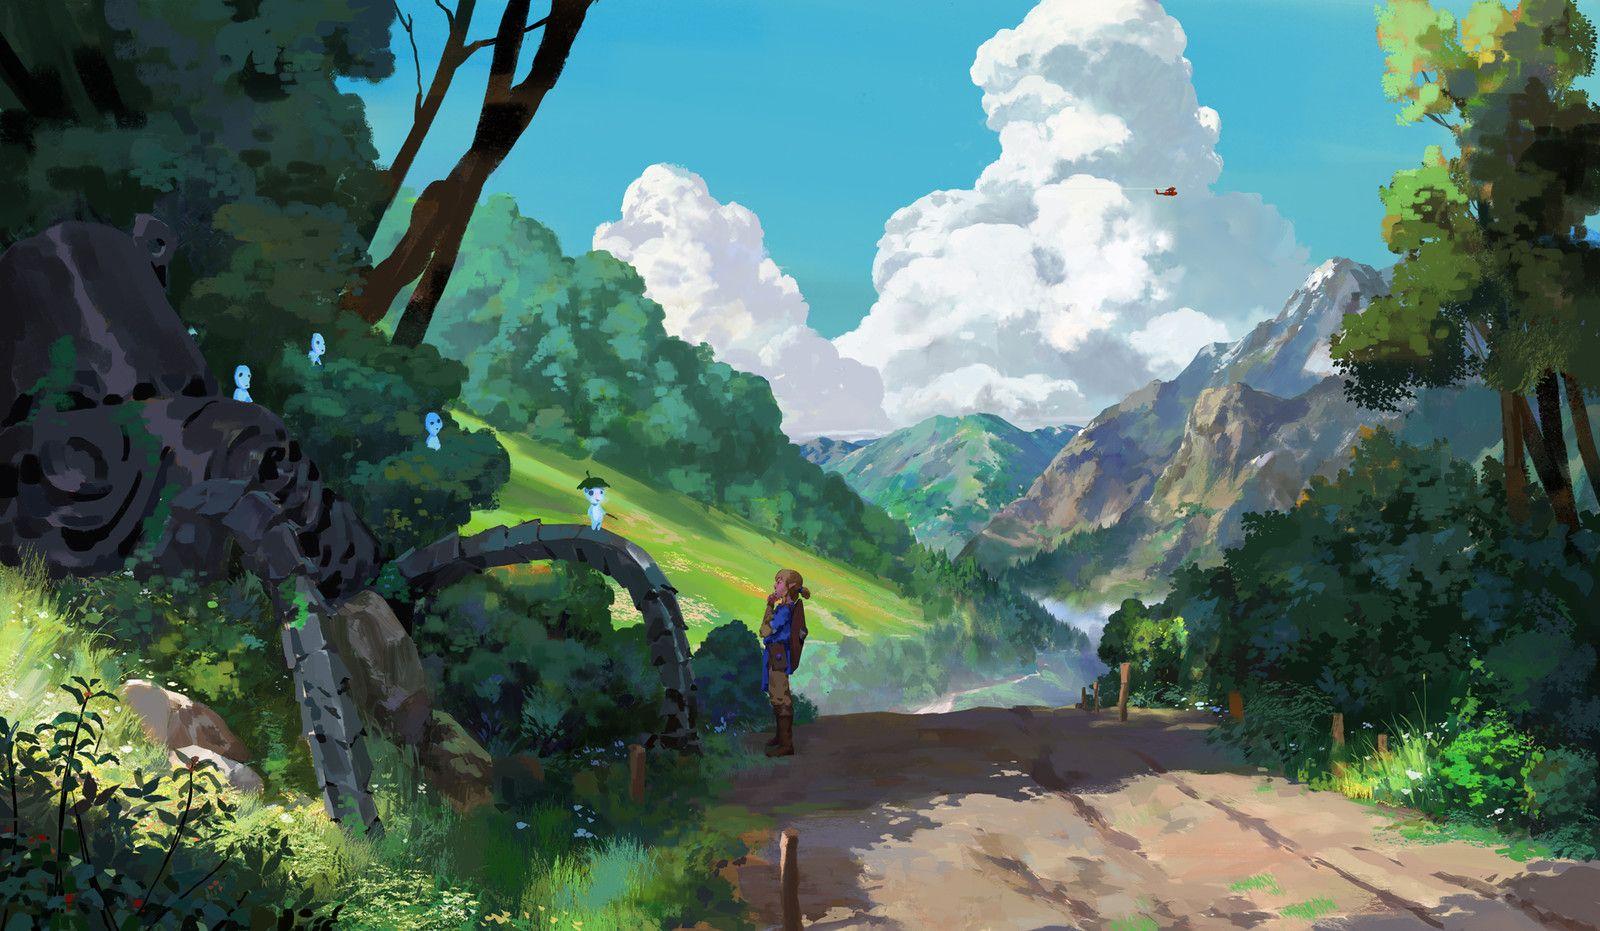 閑逛的林克 01 Wu Haibin On Artstation At Https Www Artstation Com Artwork Pq1kn Anime Scenery Fantasy Landscape Environment Painting